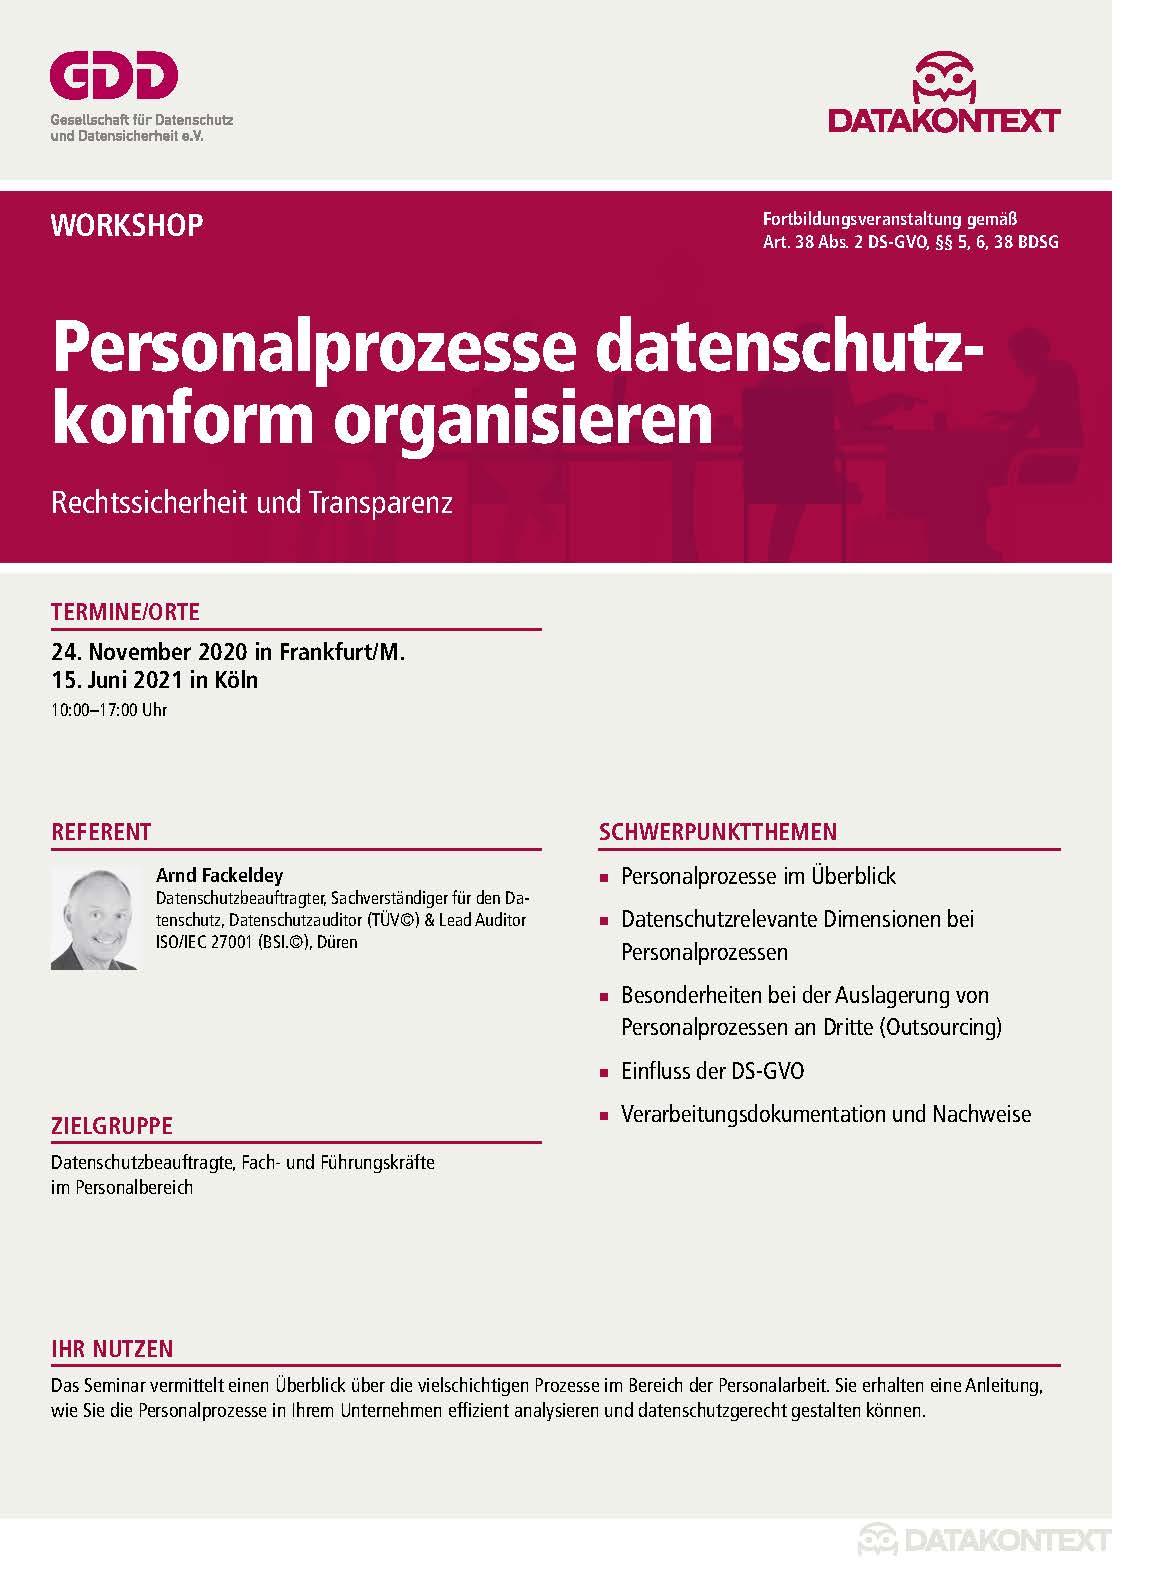 Personalprozesse datenschutzkonform organisieren